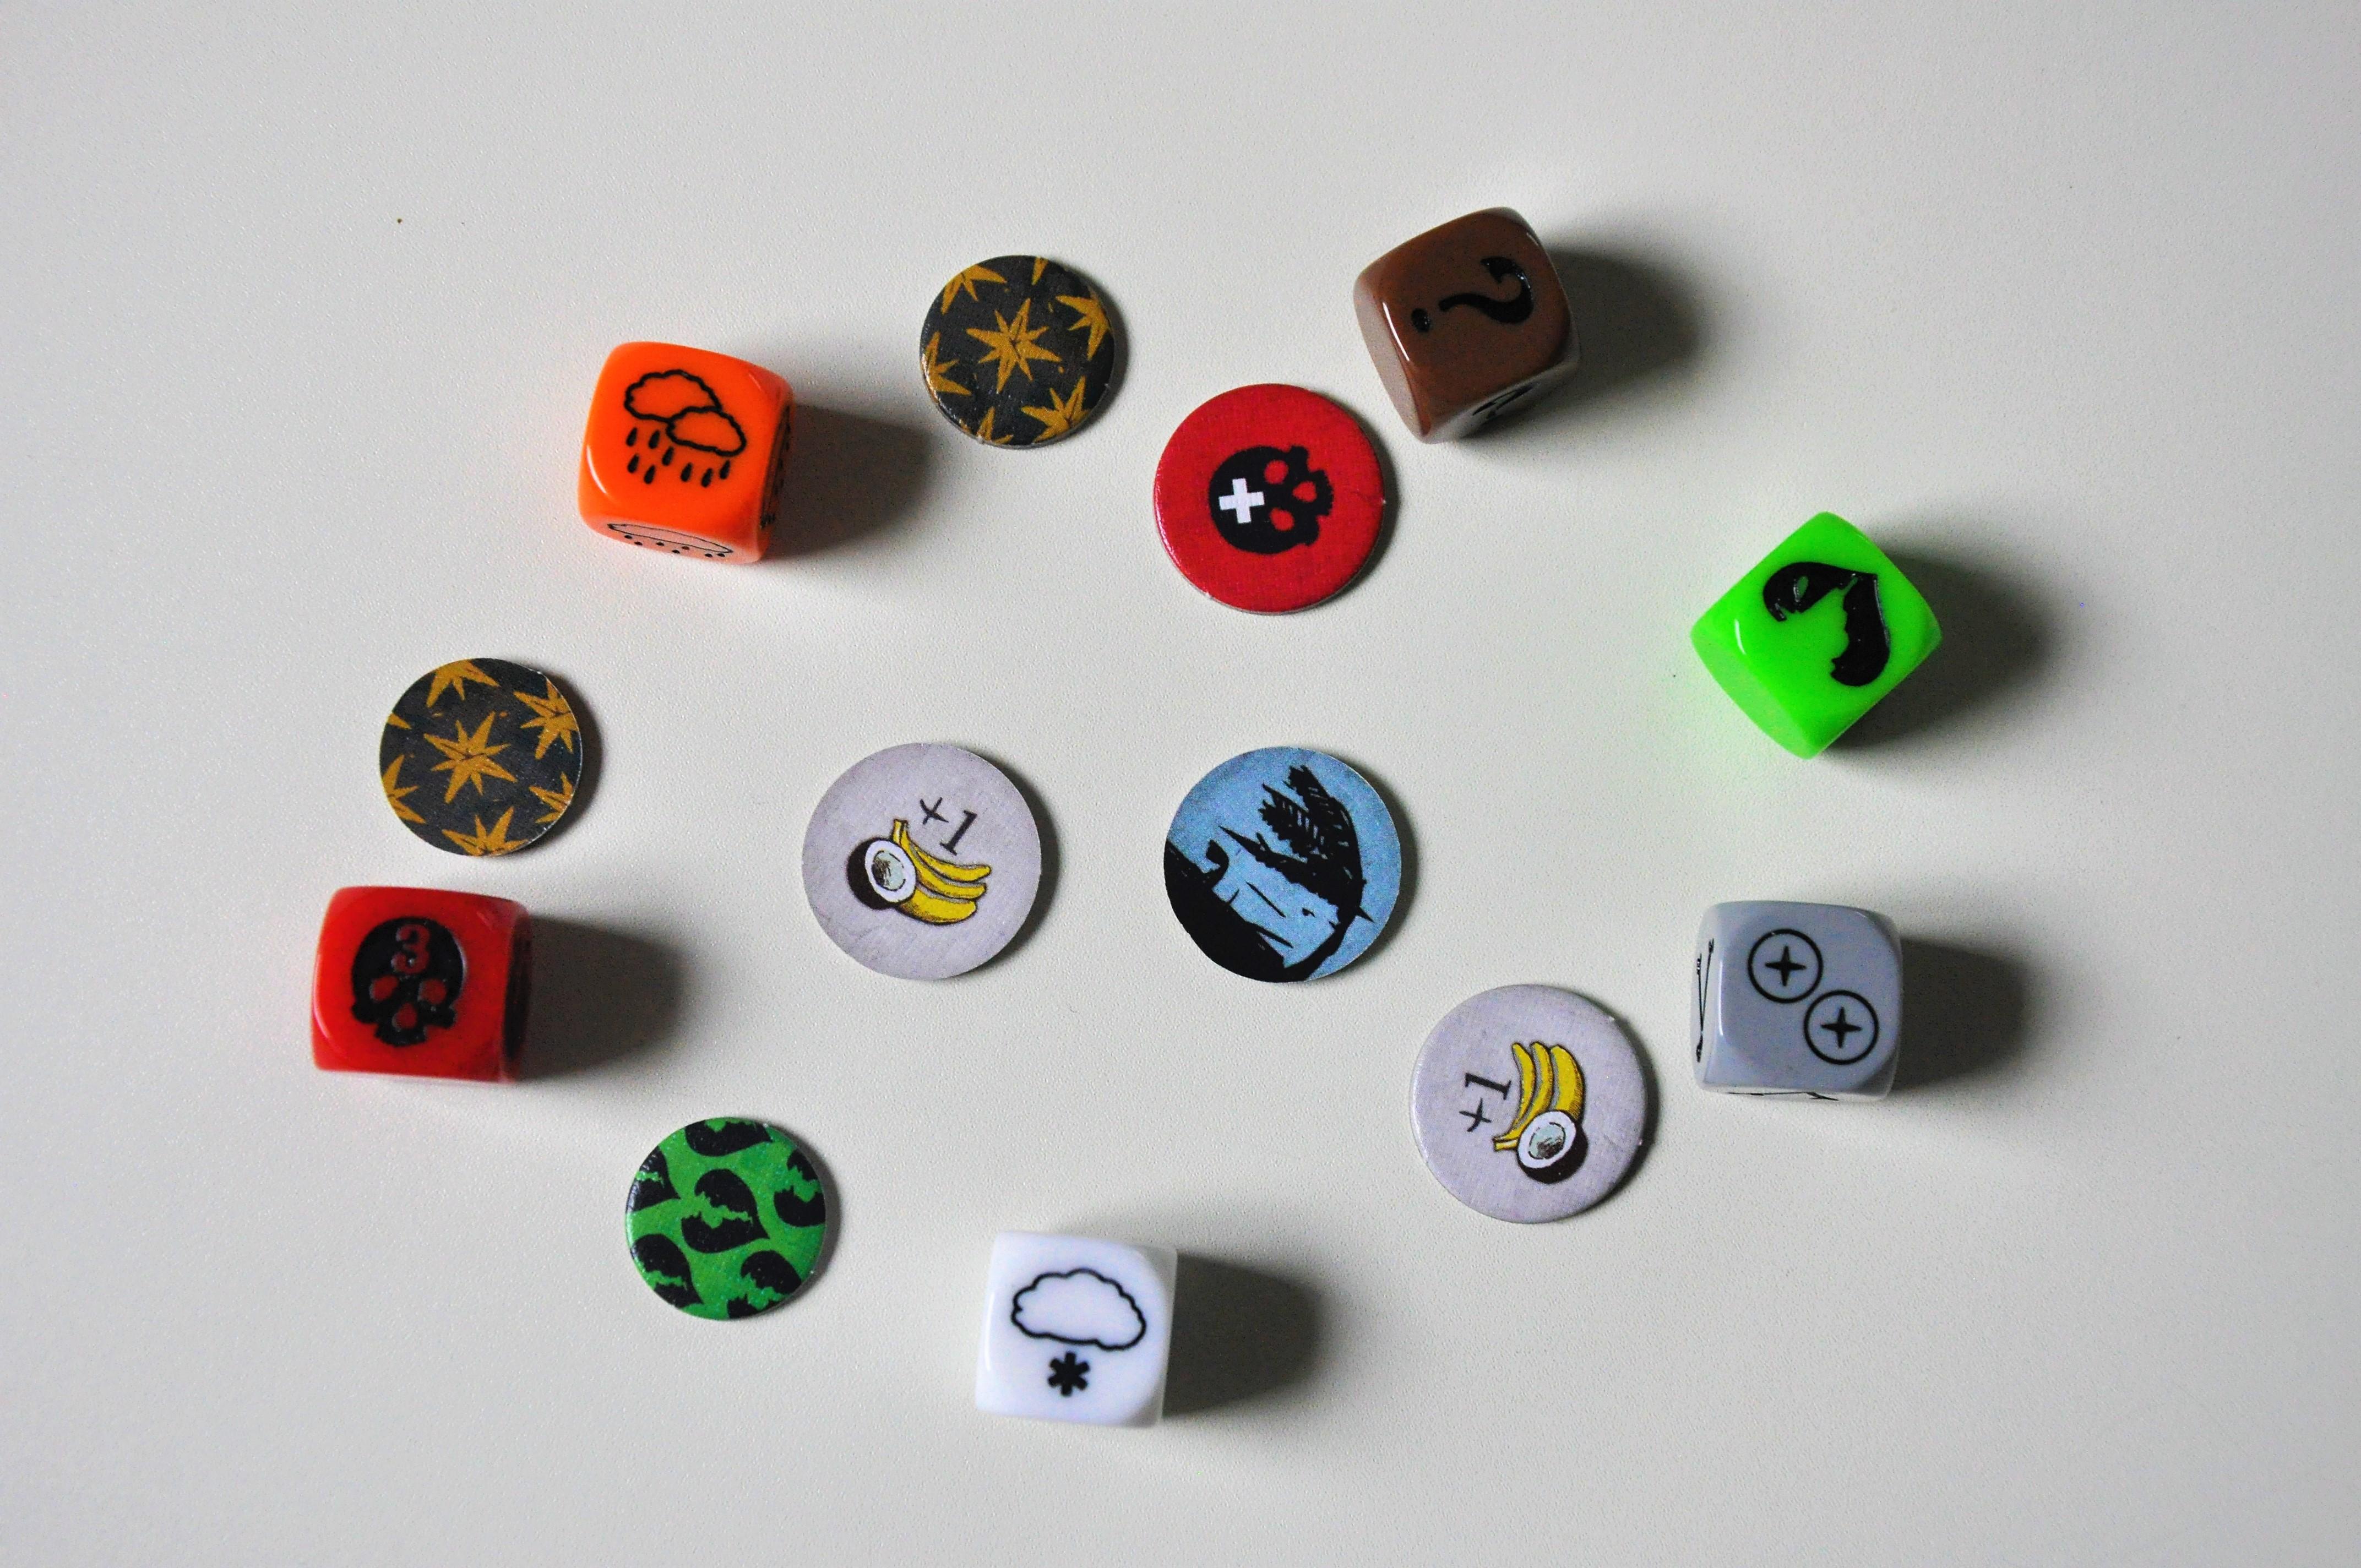 W grze znajdziemy wiele żetonów jak ikości zróżnymi symbolami